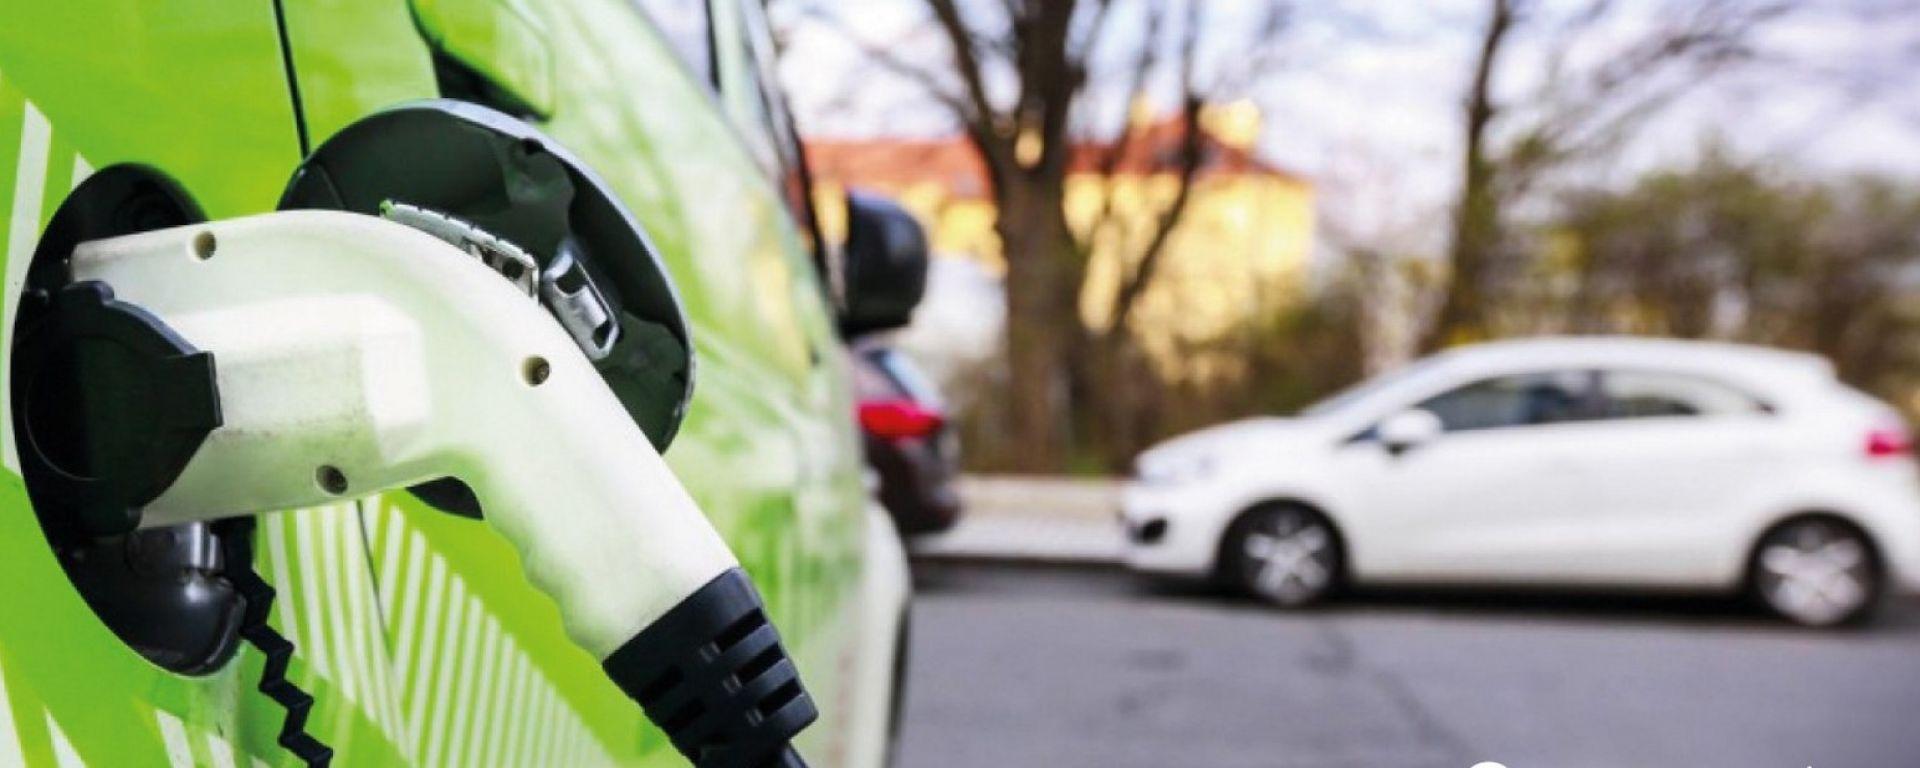 Auto elettriche e ibride: boom di immatricolazioni